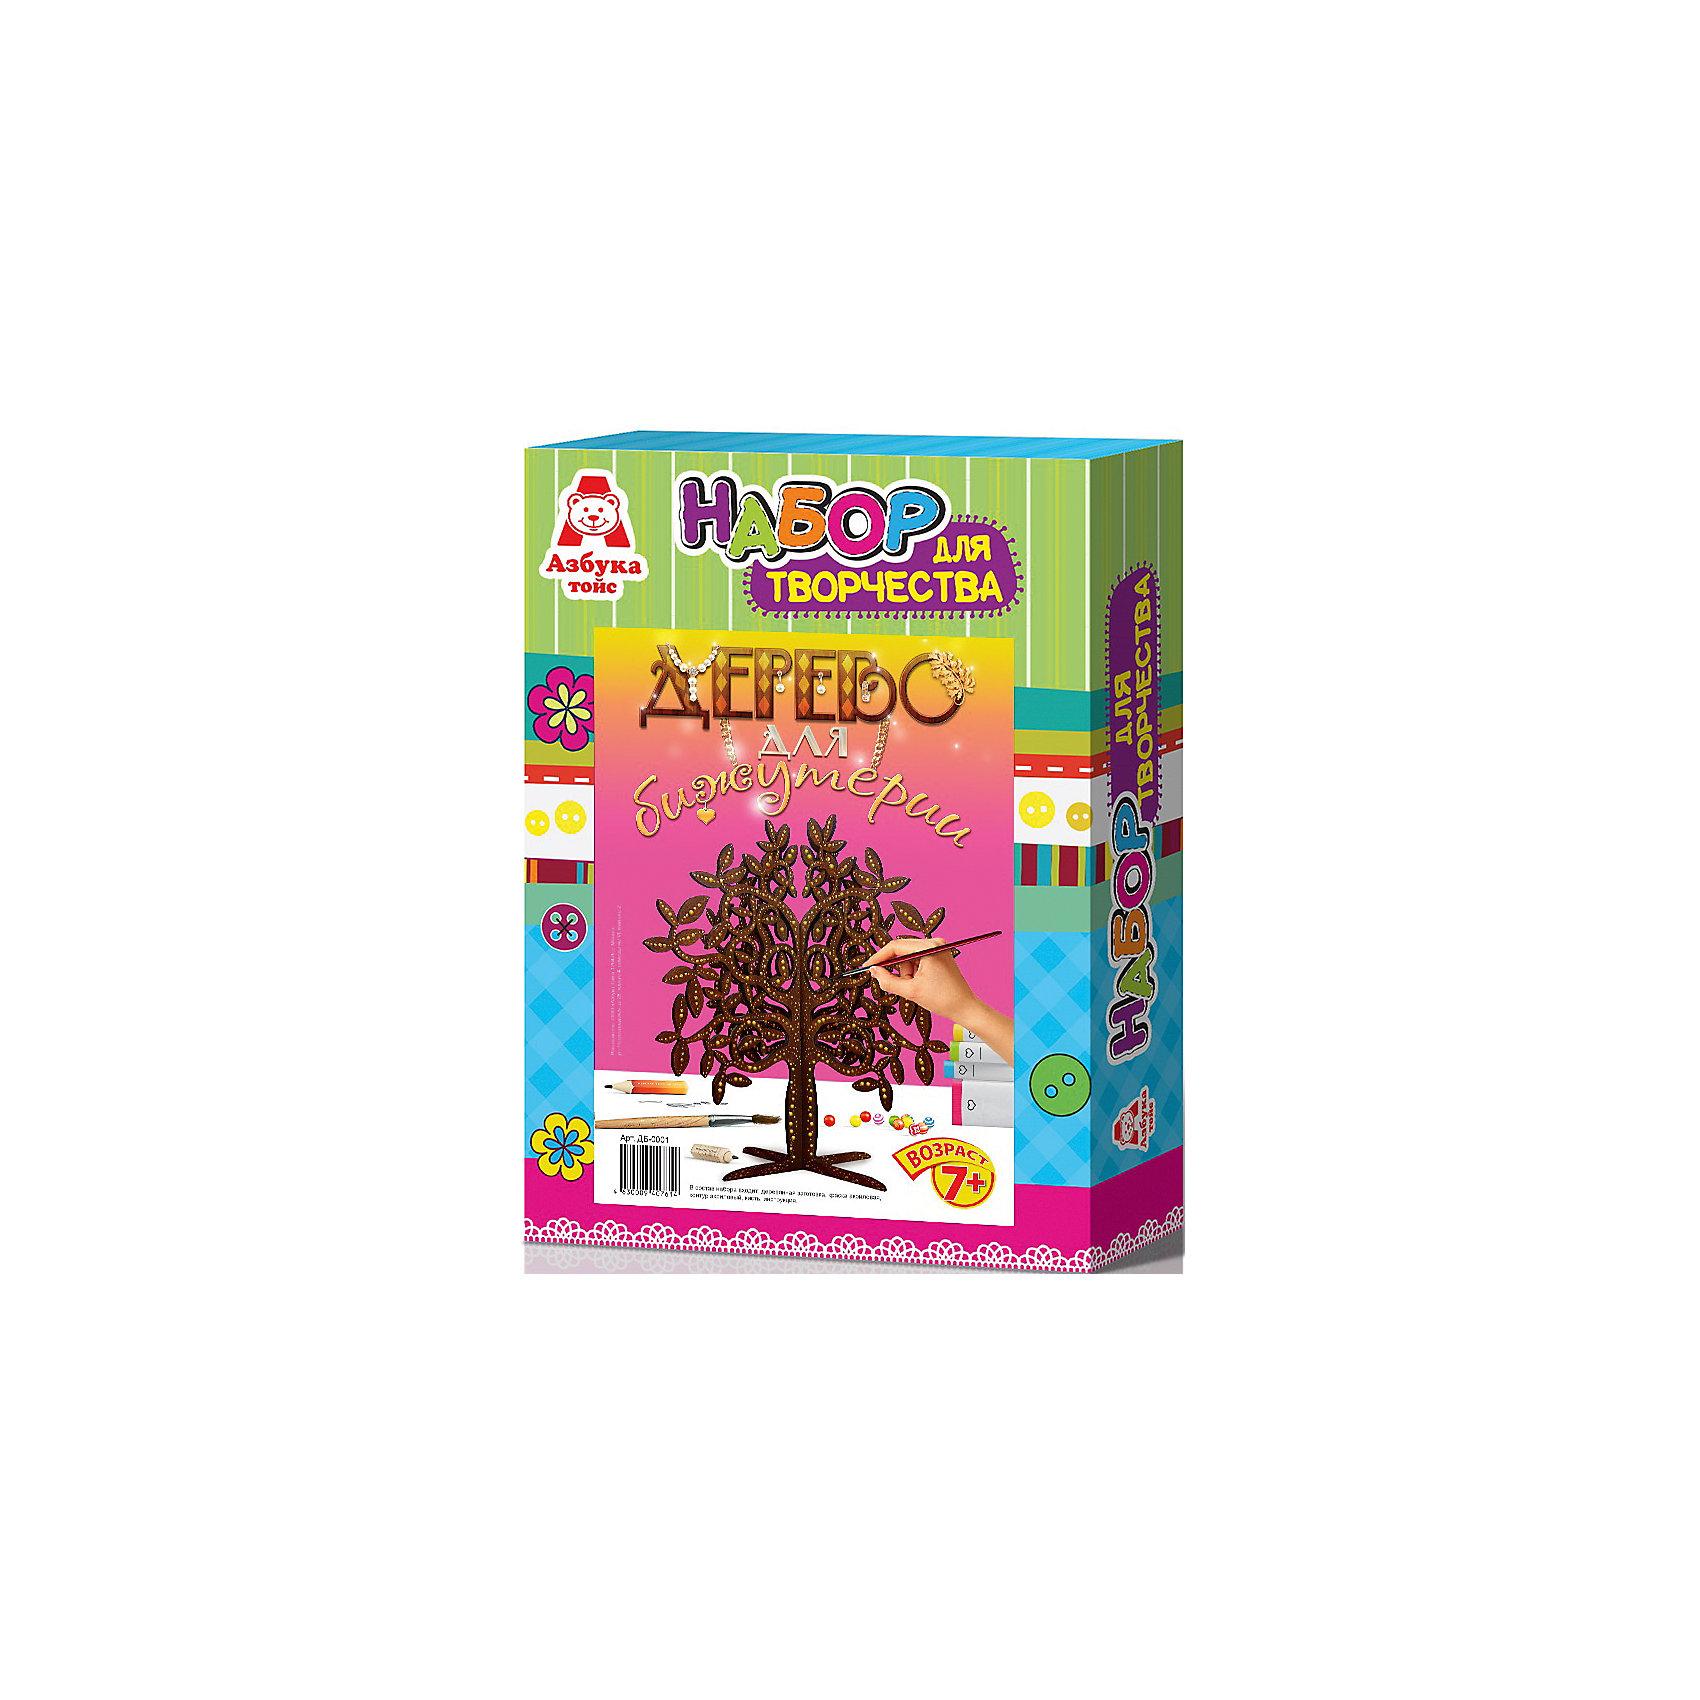 Дерево для бижутерии с листочкамиНаборы для раскрашивания<br>Дерево для бижутерии с листочками<br><br>Характеристики:<br><br>- в набор входит: деревянная основа, кисточка, краска (акрил), контур (акрил)<br>- состав: дерево, пластик <br>- формат: 28 * 5 * 21 см.<br>- вес: 168 гр.<br>- для детей в возрасте: от 7 до 12 лет<br>- Страна производитель: Российская Федерация<br><br>Набор для творчества Дерево для бижутерии с листочками от компании Азбука тойс понравится умелым ручкам и они превратят его в настоящее дерево изобилия и счастья любой обладательницы бижутерии. Пошаговая инструкция подробно описывает процесс выполнения поделки. Вся необходима краска и контур для обводки входят в комплект. Работа с таким набором развивает моторику рук, воображение, усидчивость, аккуратность и внимание. Четырехгранное дерево привлекает ребенка к усидчивой, неспешной работе, которая в итоге будет вознаграждена чудесной поделкой, небольшим шедевром, который можно подарить маме, бабушке, сестре или подруге.<br><br>Набор для творчества Дерево для бижутерии с листочками можно купить в нашем интернет-магазине.<br><br>Ширина мм: 210<br>Глубина мм: 50<br>Высота мм: 280<br>Вес г: 168<br>Возраст от месяцев: 84<br>Возраст до месяцев: 144<br>Пол: Женский<br>Возраст: Детский<br>SKU: 5062944